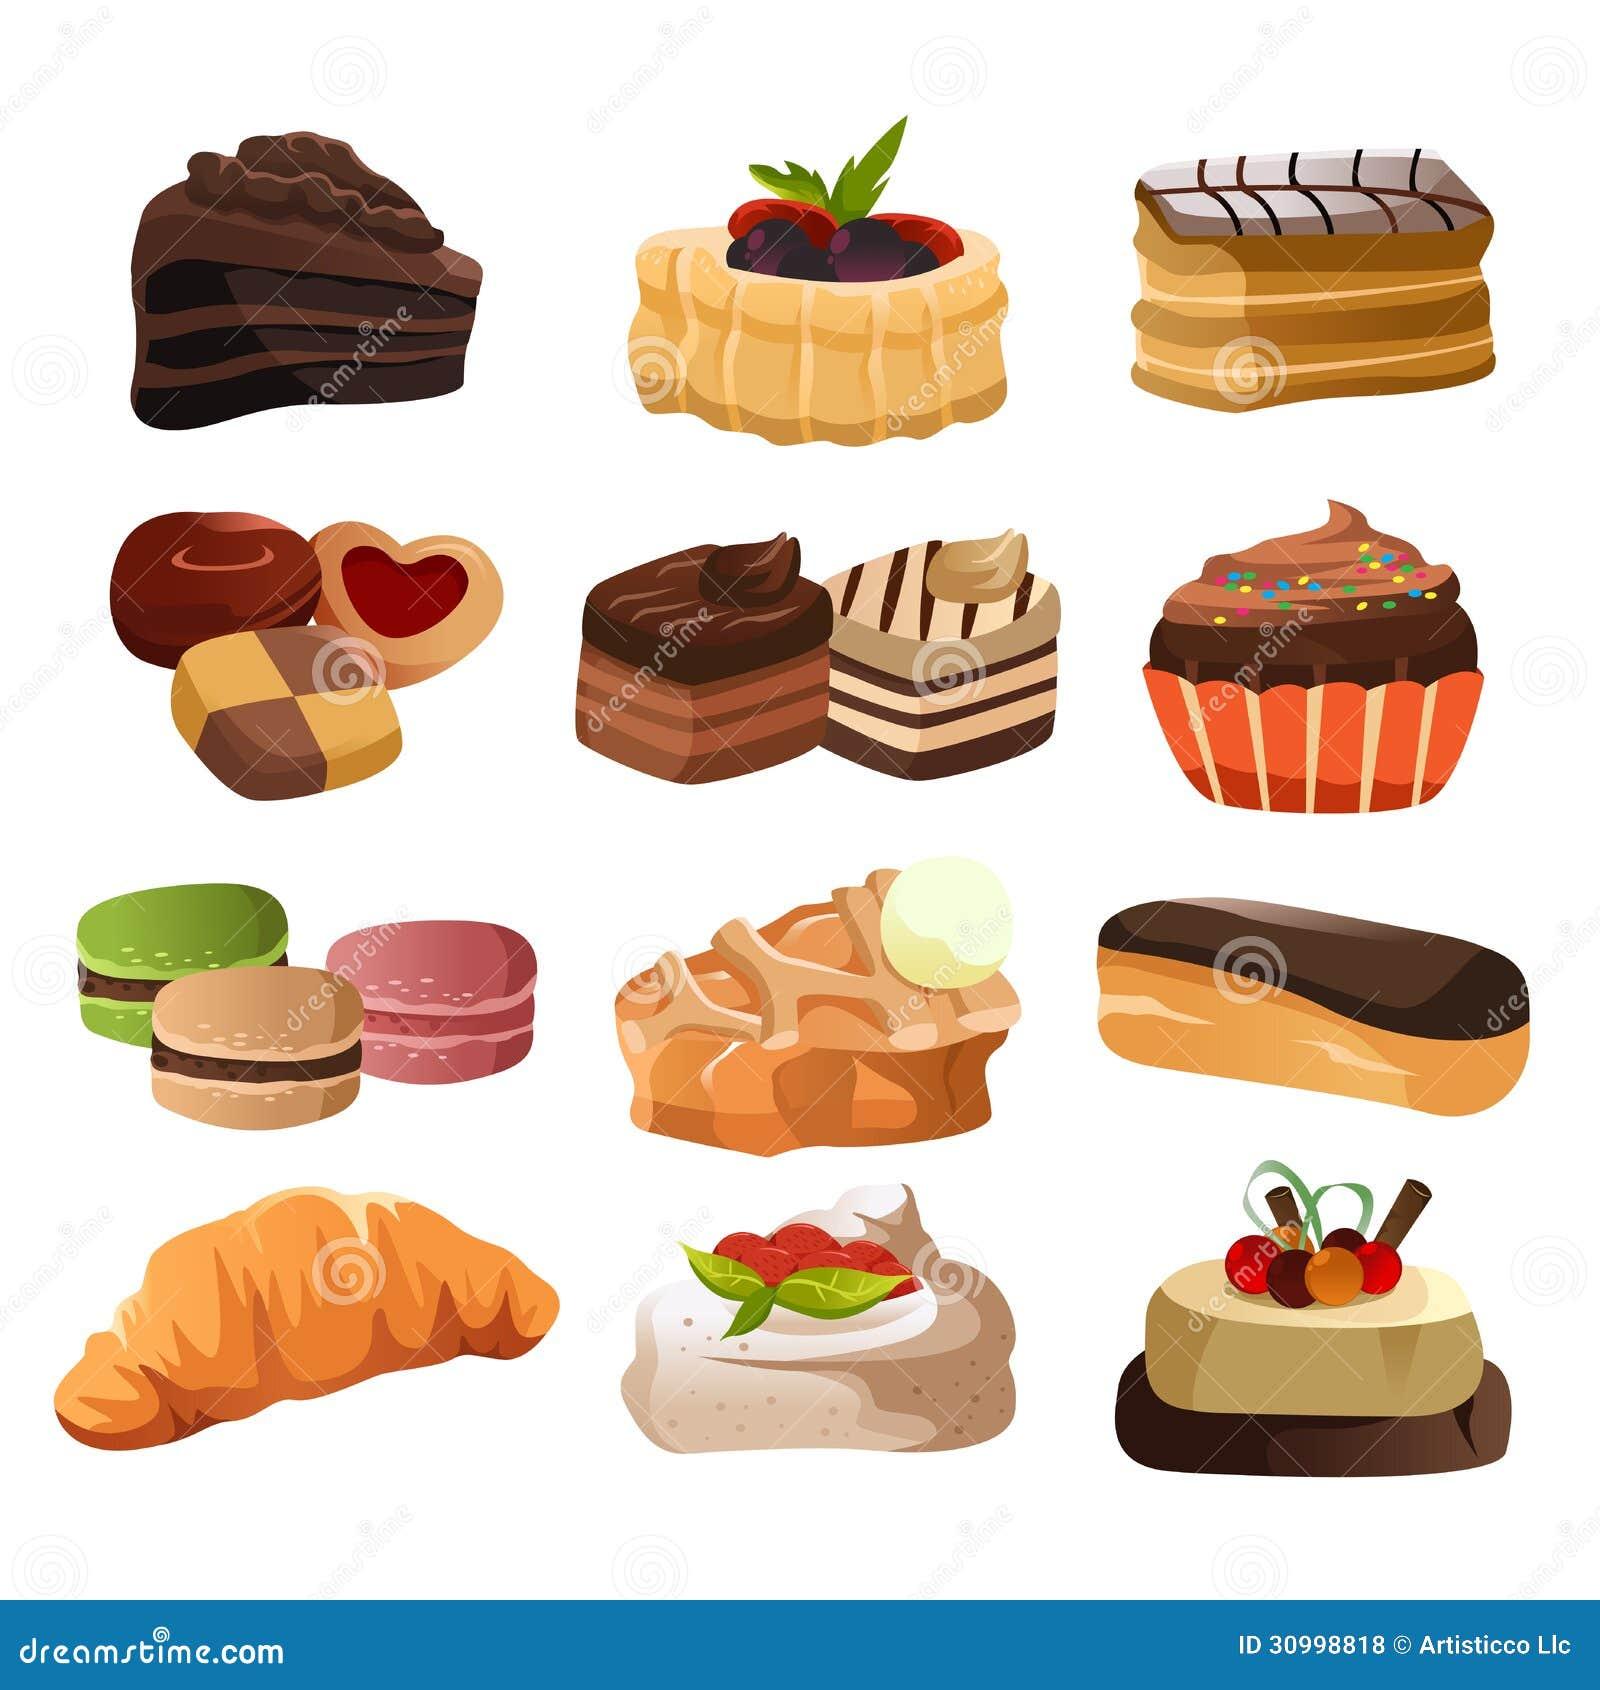 Paula Costes Showroom: Andcakes. Los pasteles más bonitos del mundo